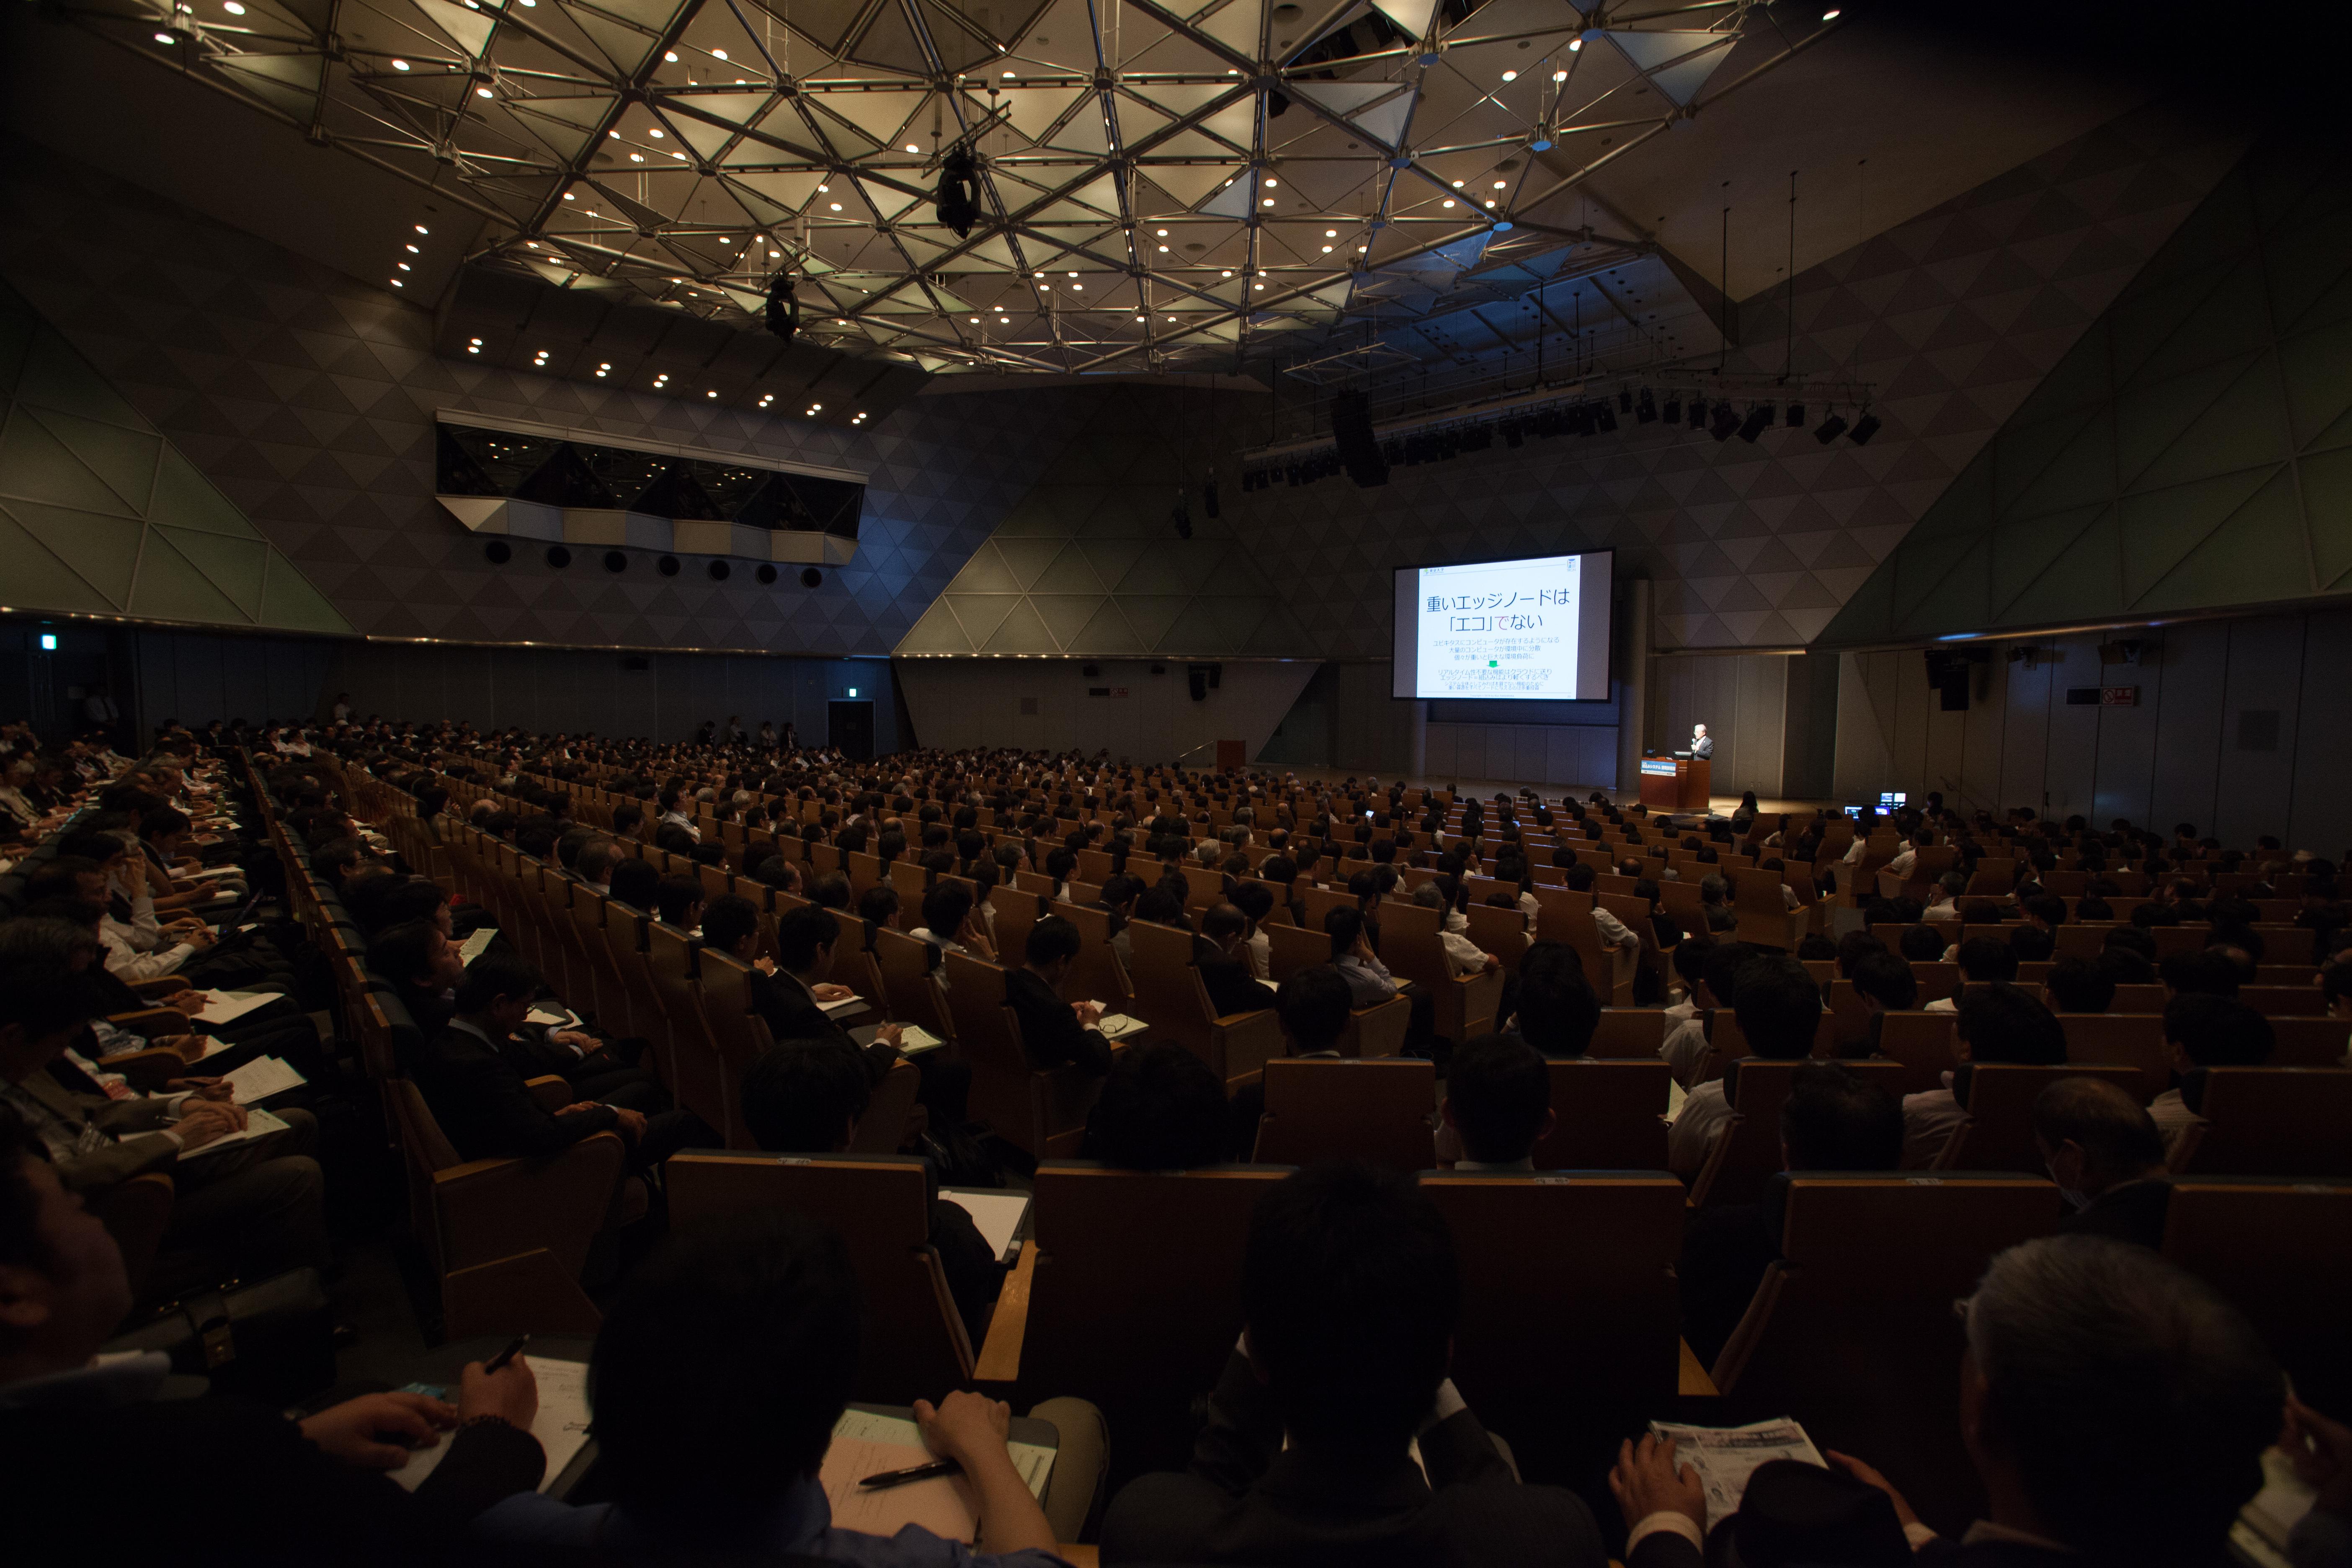 賞金総額は500万円 フレームワークス「次世代ロジスティクスオープンデータ活用コンテスト」のご案内